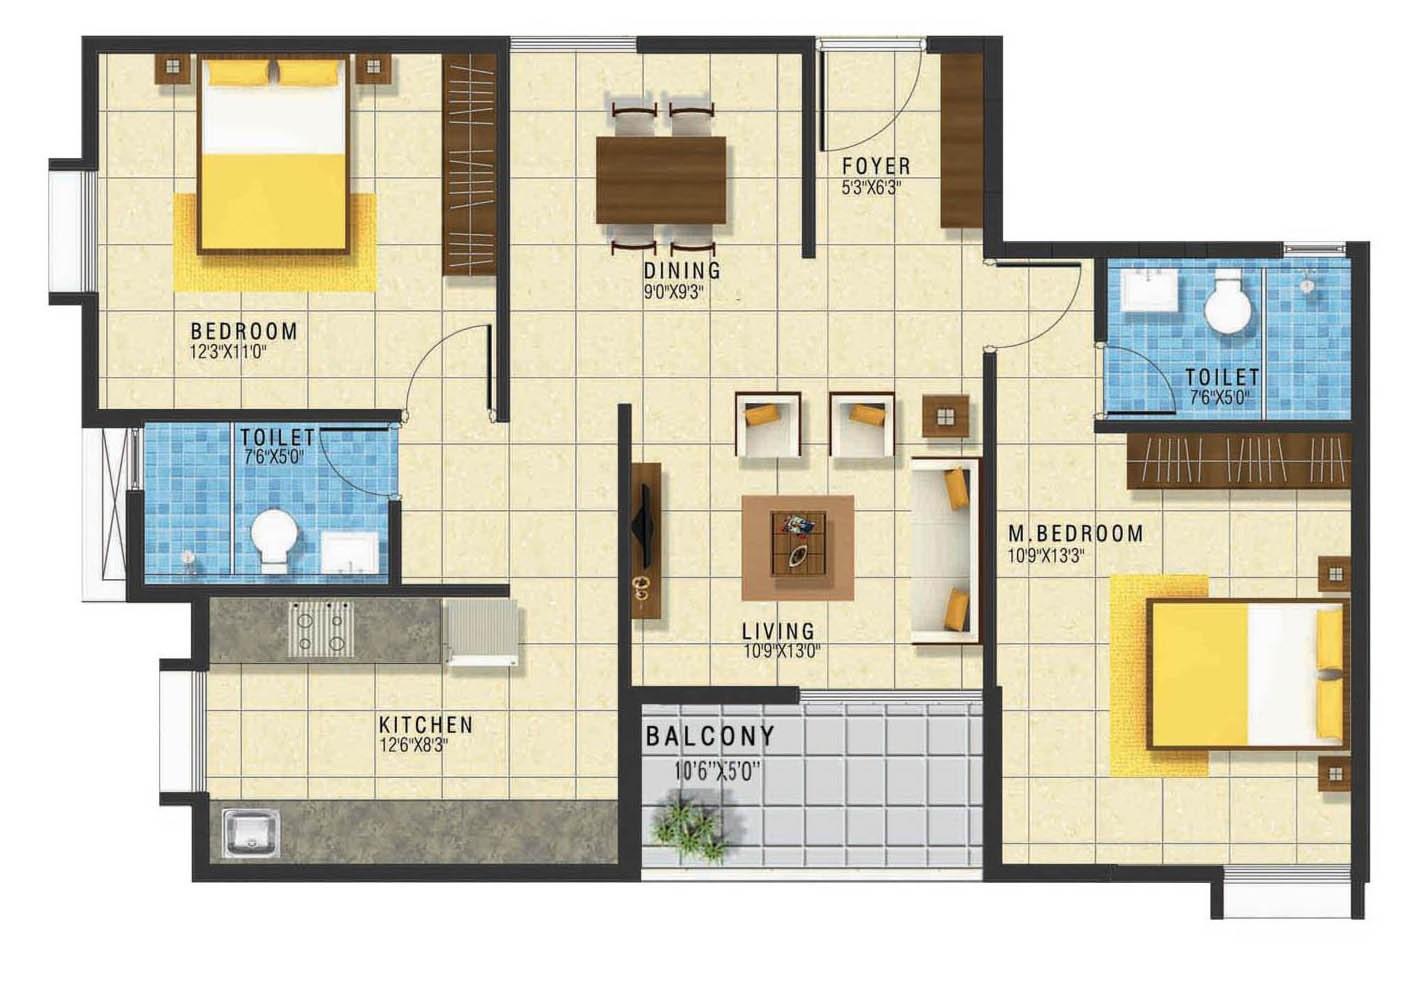 grc subhiksha apartment 2bhk 1150sqft 1